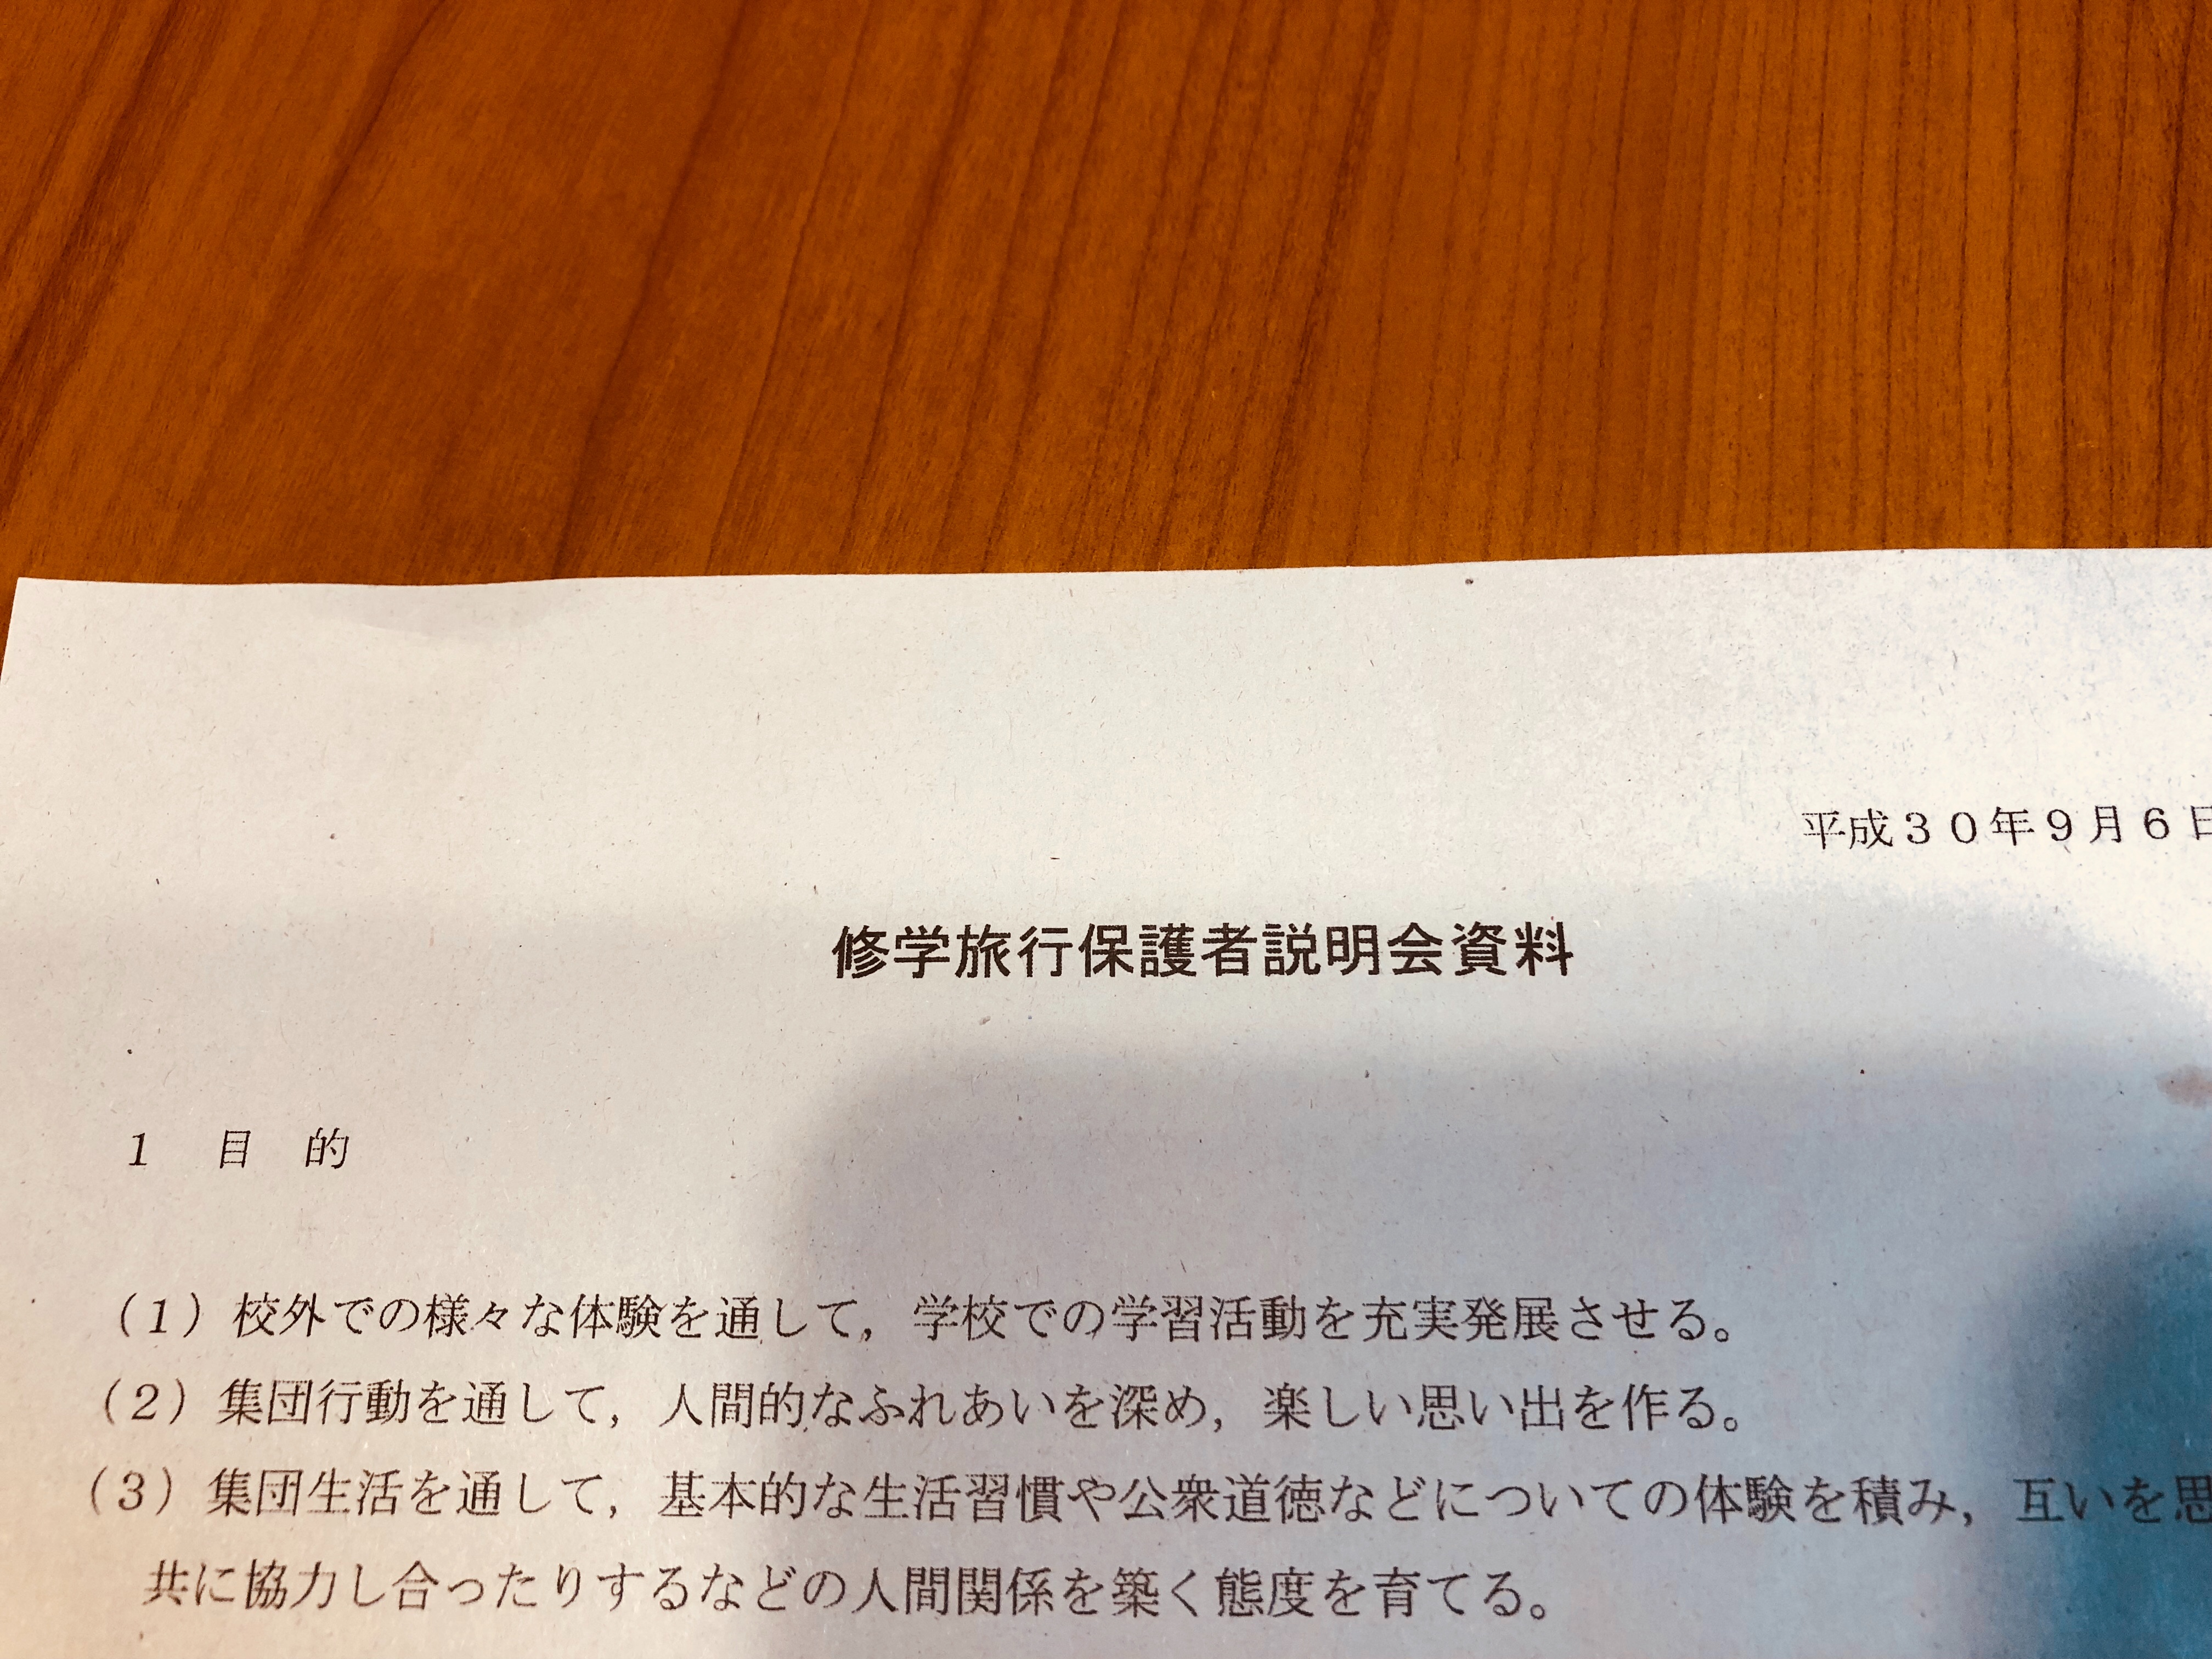 f:id:allergy_nagasakikko:20180906173013j:image